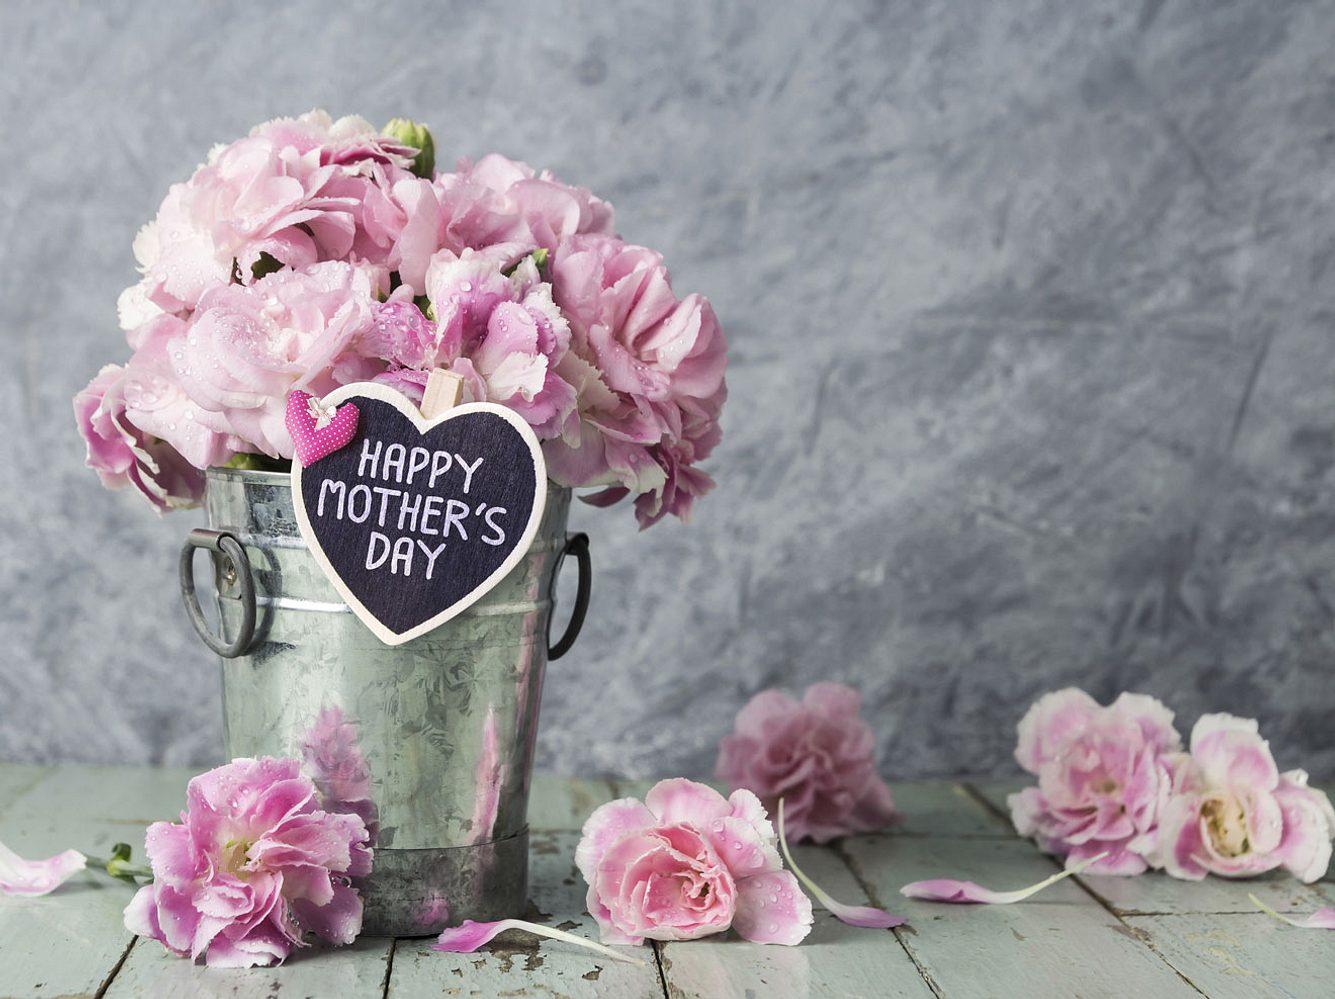 Muttertagsideen zum Verwöhnen: Für Mama darf es zum Muttertag auch ein (fast) kostenloses Geschenk von Herzen sein